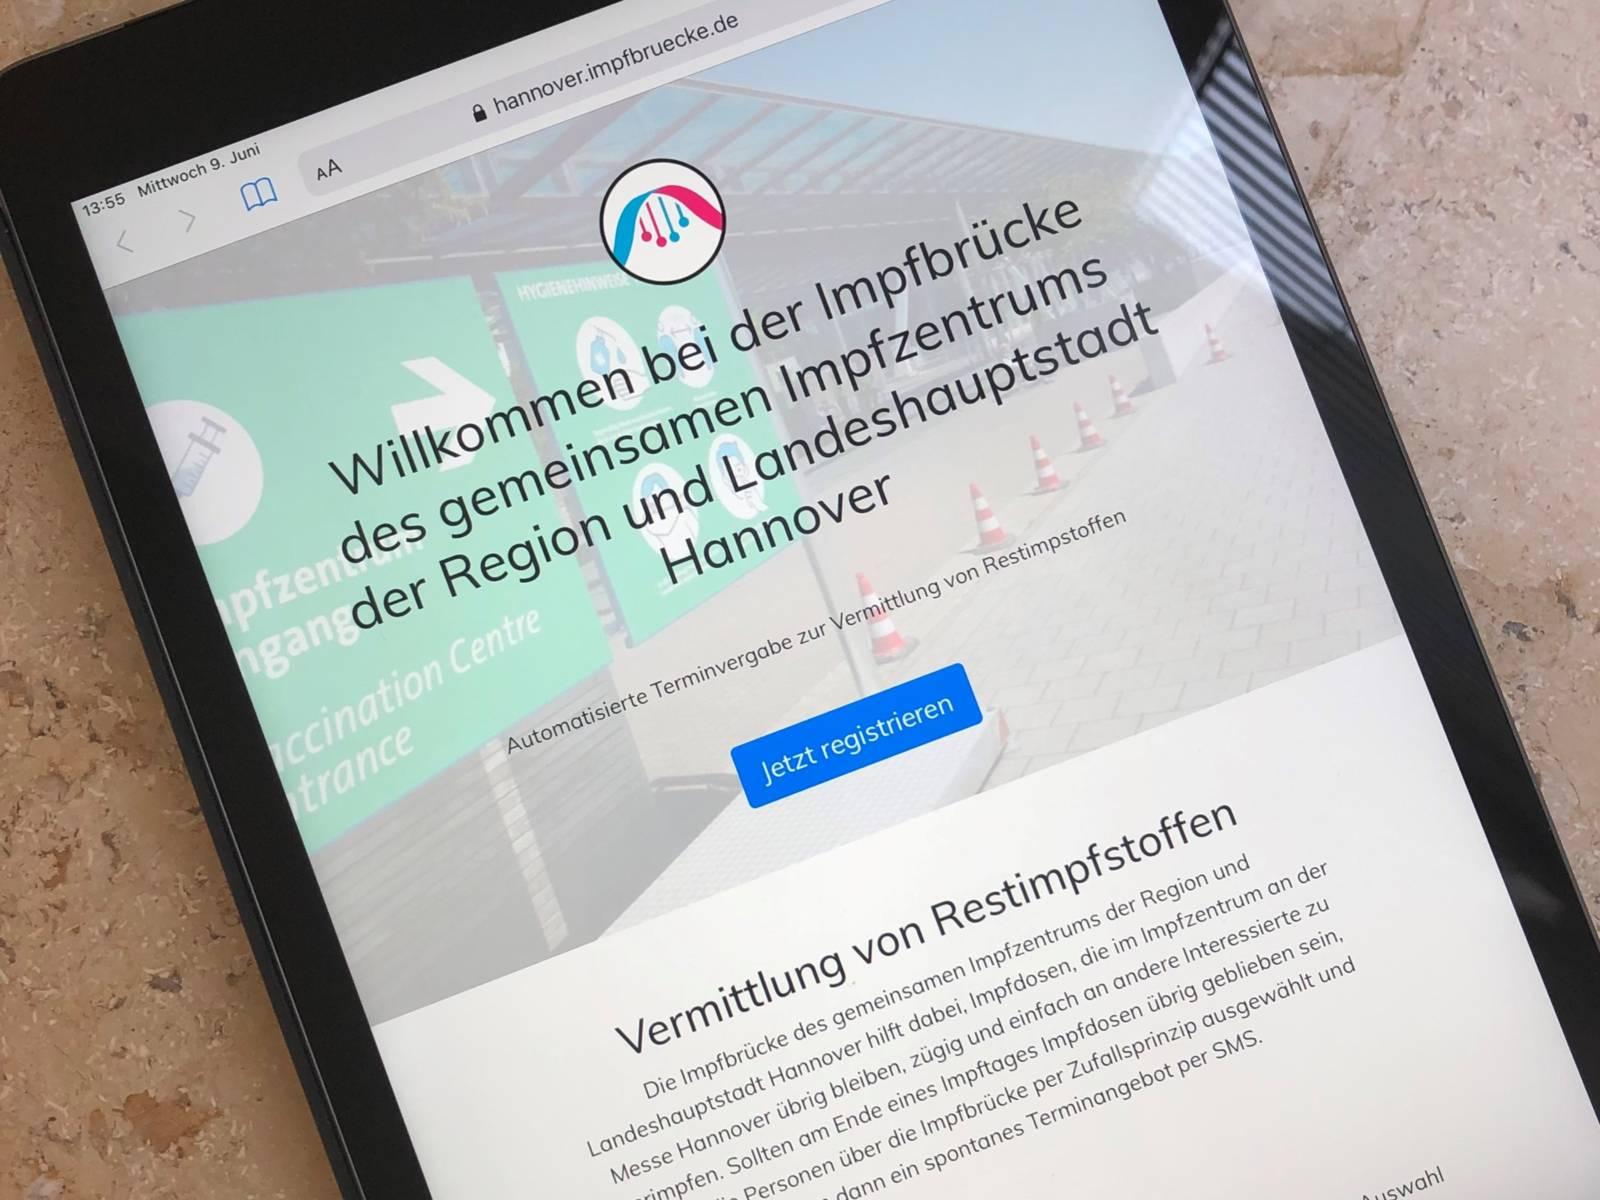 Smartphone mit einer App zum anmelden für die Impfbrücke